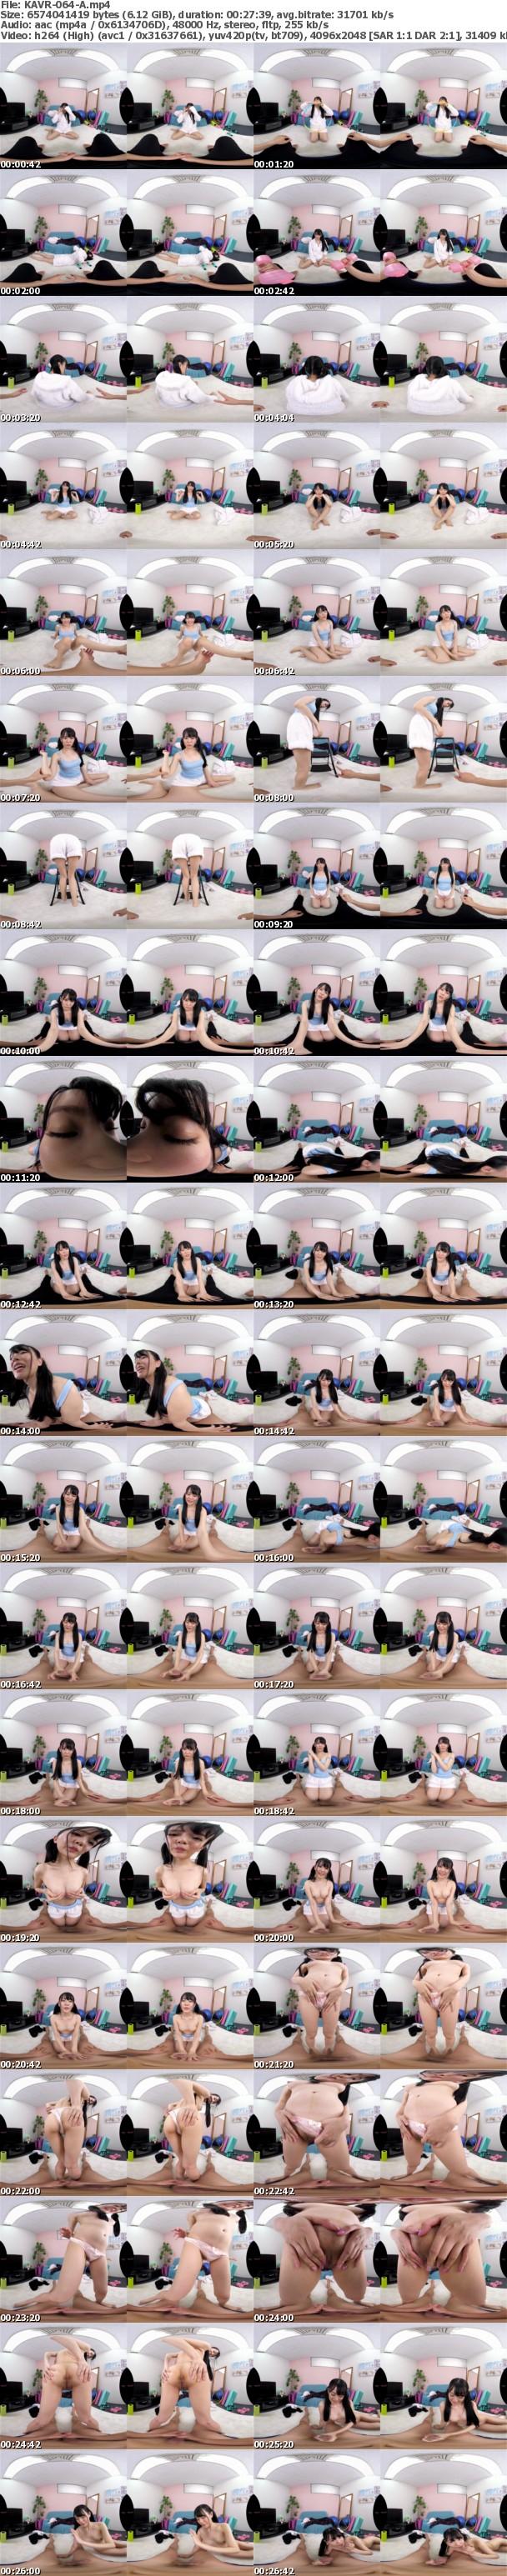 (VR) KAVR-064 「SEX下手そう…姉ちゃんの彼氏になる人、可哀想だな」運動音痴の姉をからかったら…ムキになって全力腰振り騎乗位でイカされまくった僕。 柳井める